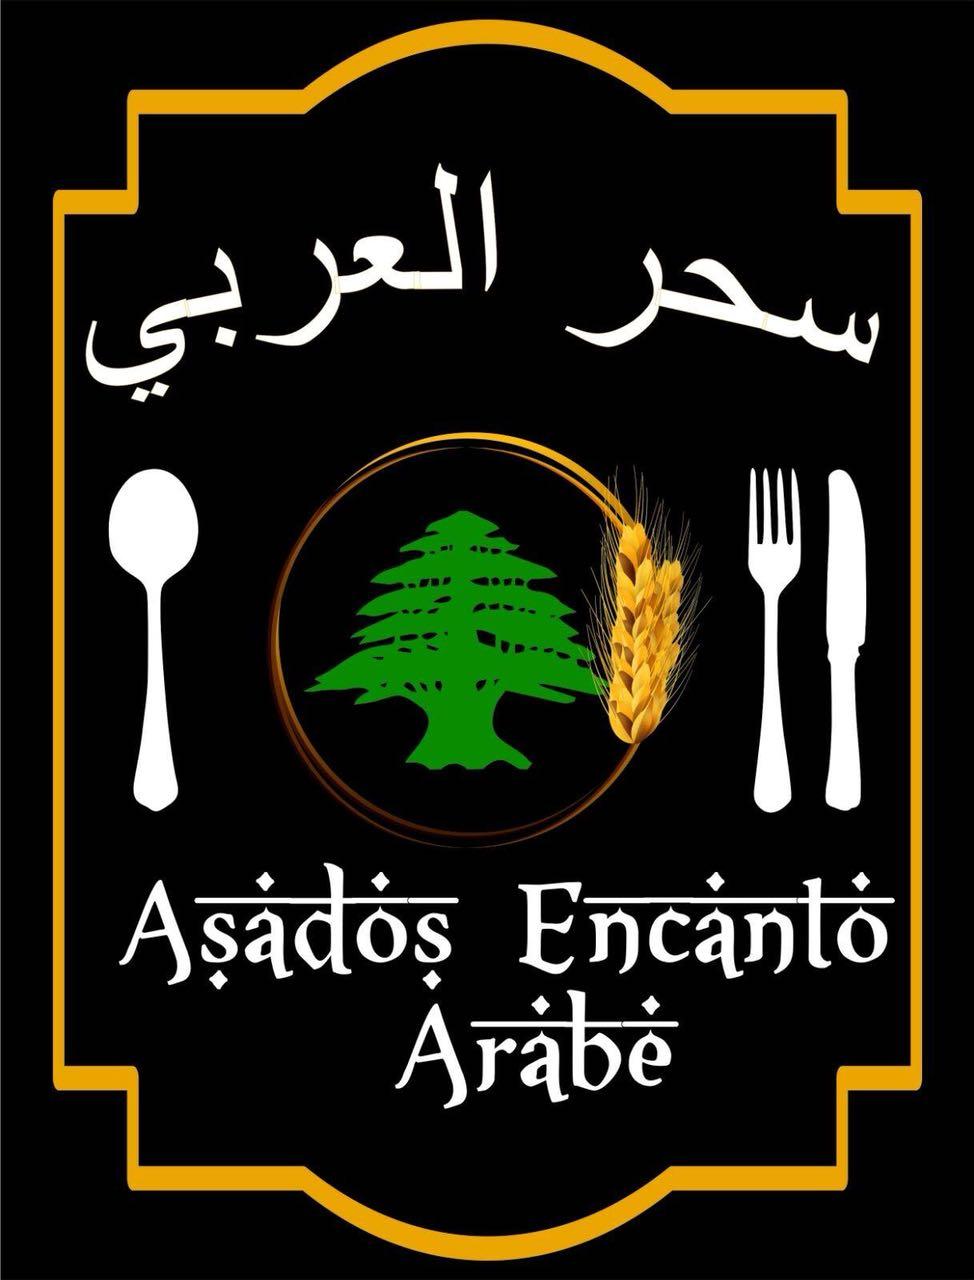 Asados Encanto Árabe